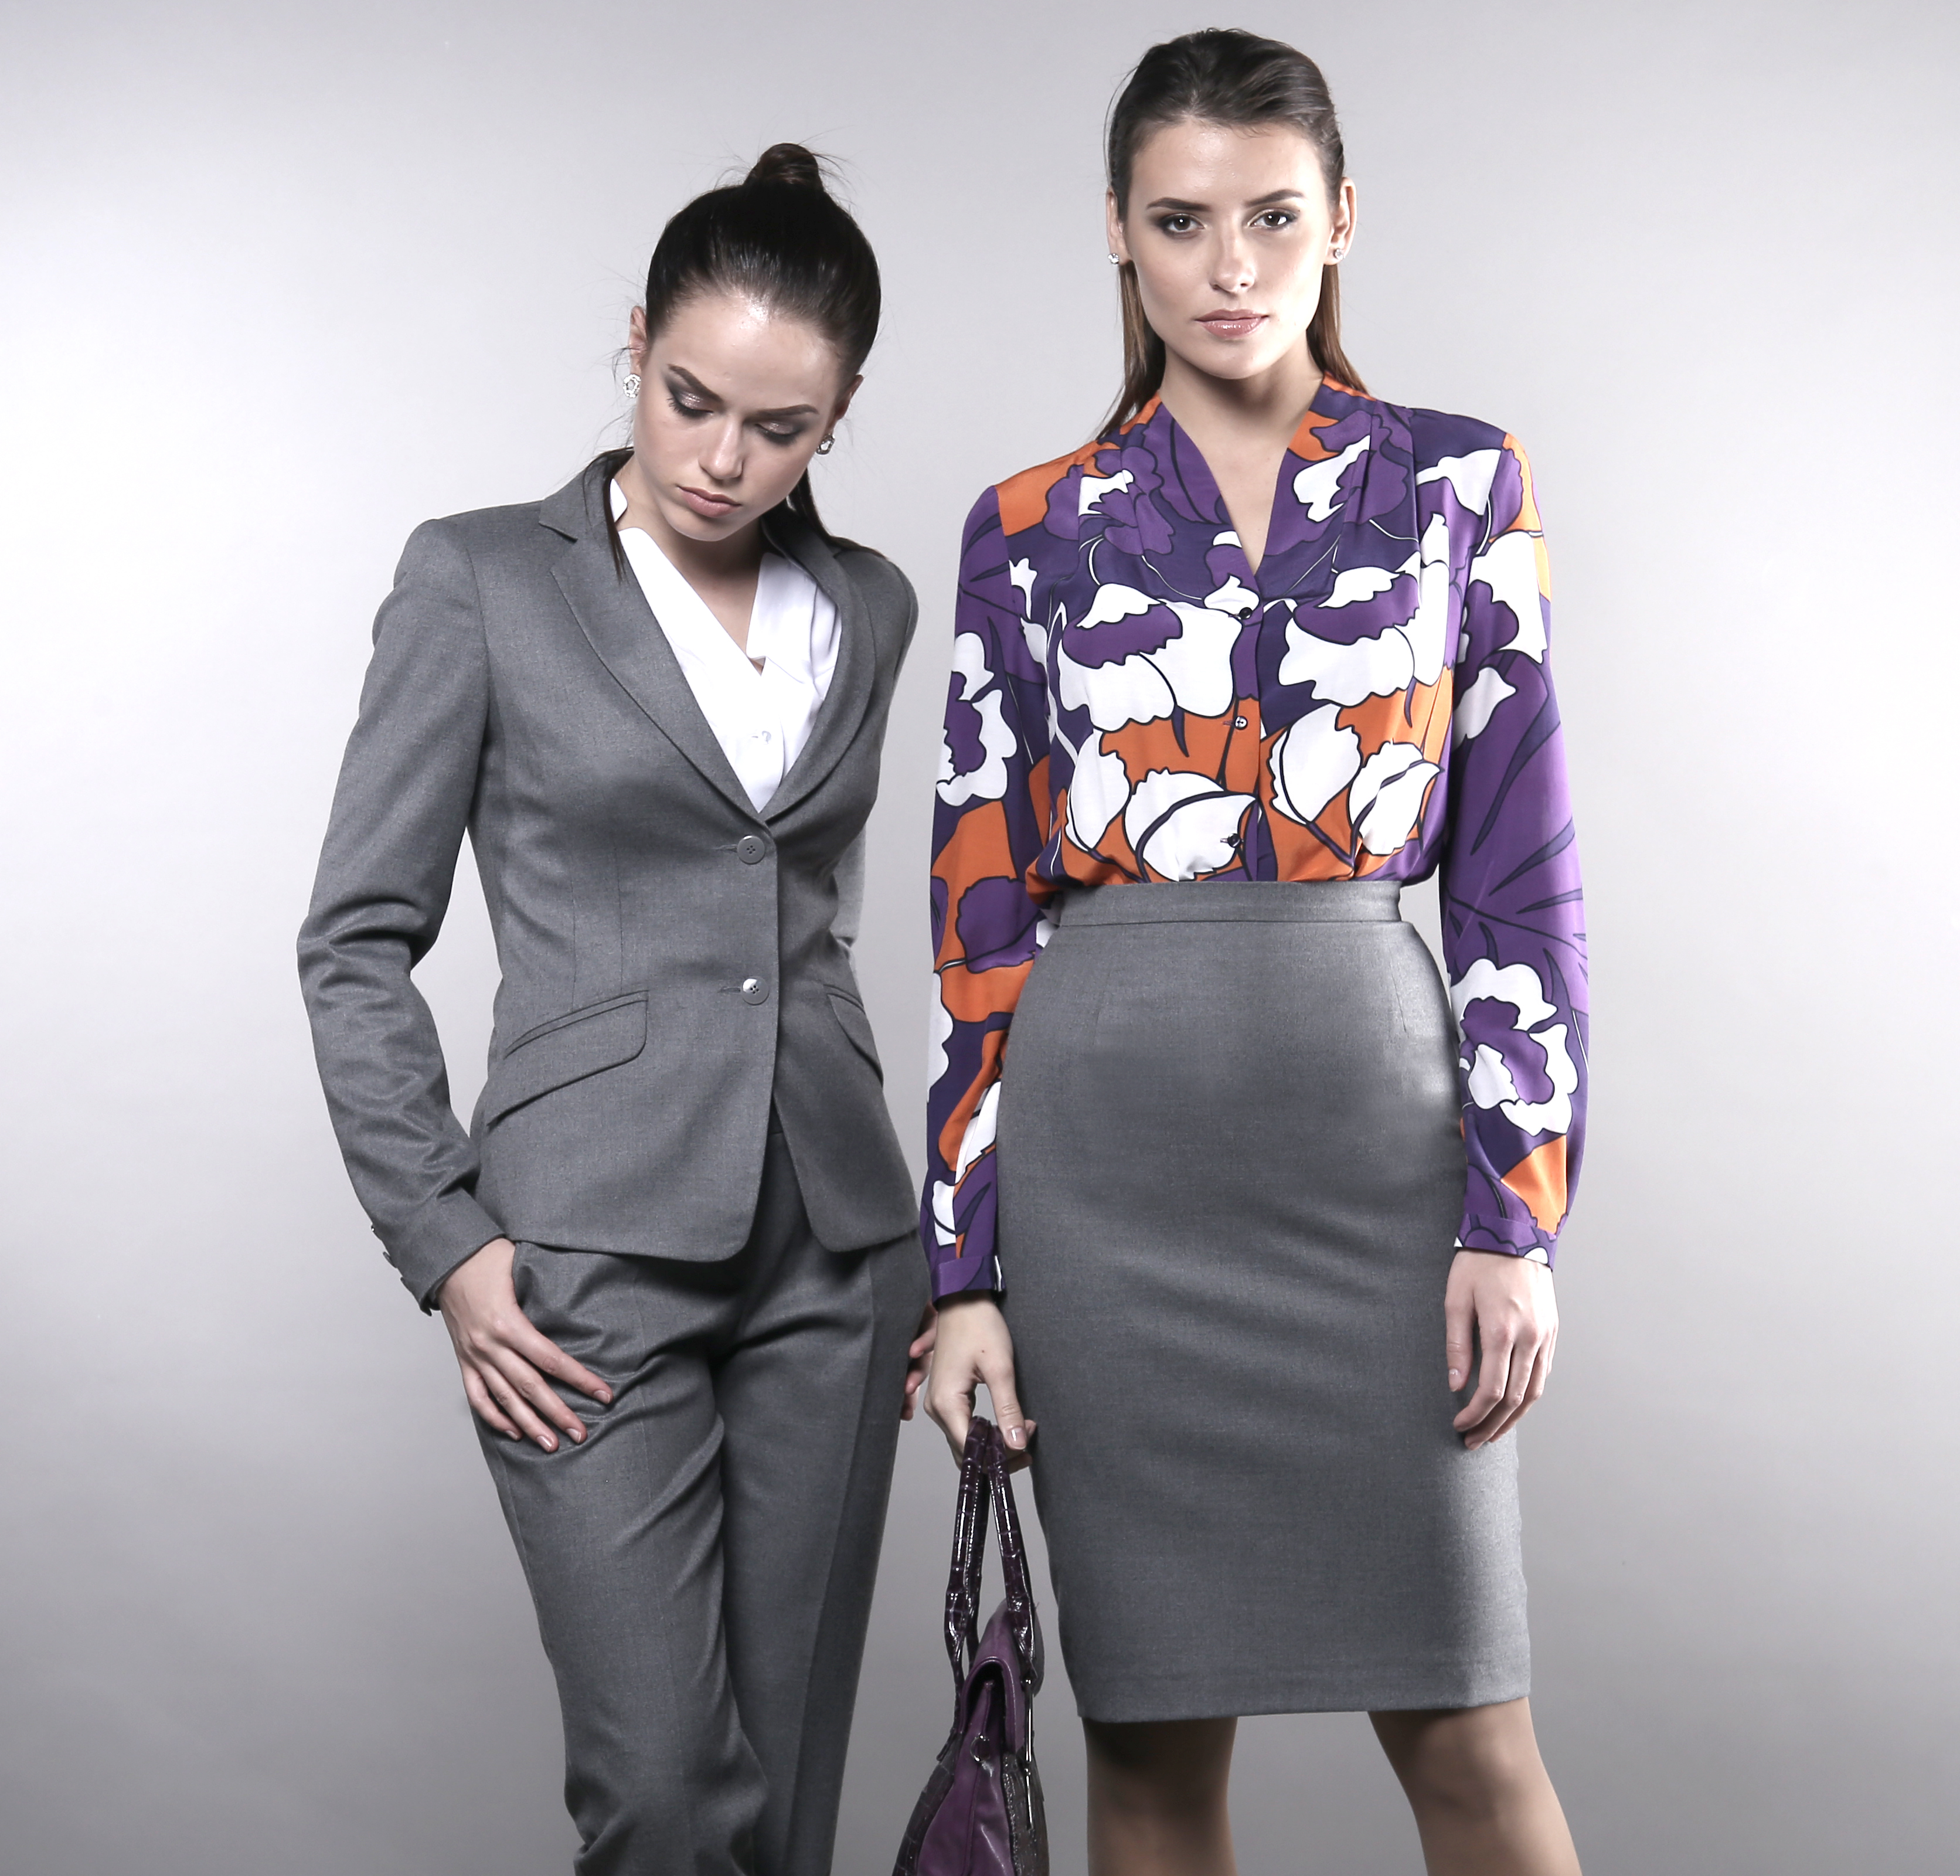 Приглашаю в закупку дизайнерской женской одежды,вечерние платья, офисные решения, блузки, юбки, брюки... Идеальный крой идеальная посадка!